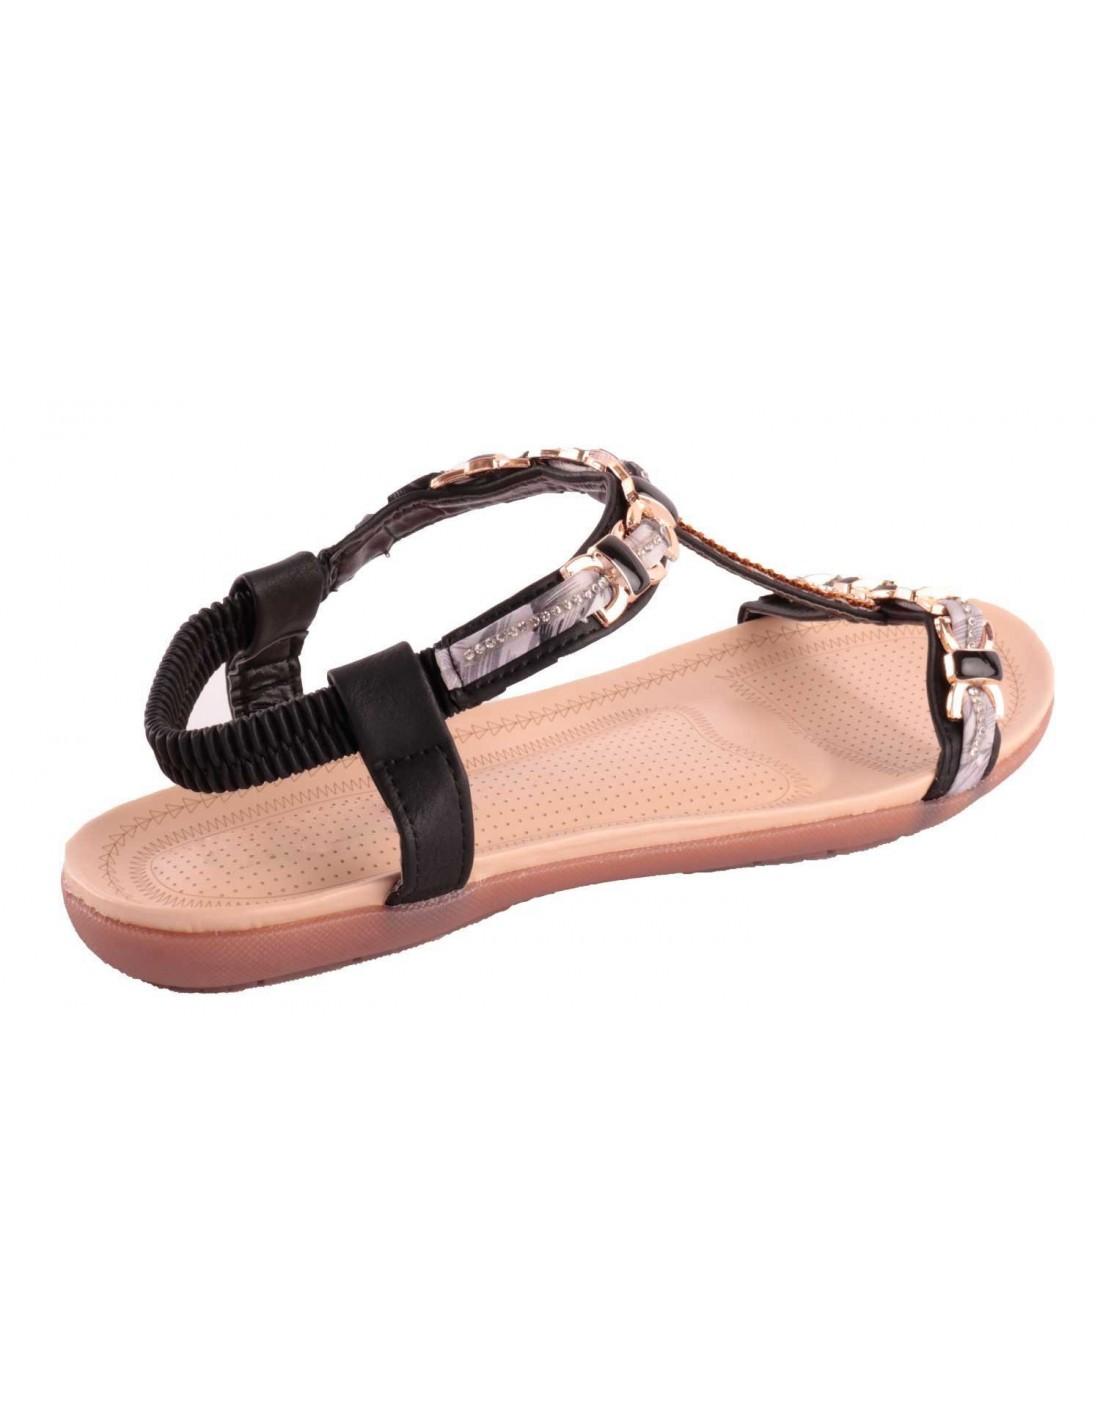 8723a7429e0 ... Sandale noir strass femme grande taille pointure 41 à 44 avec chaîne  doré   motif fantaisie ...